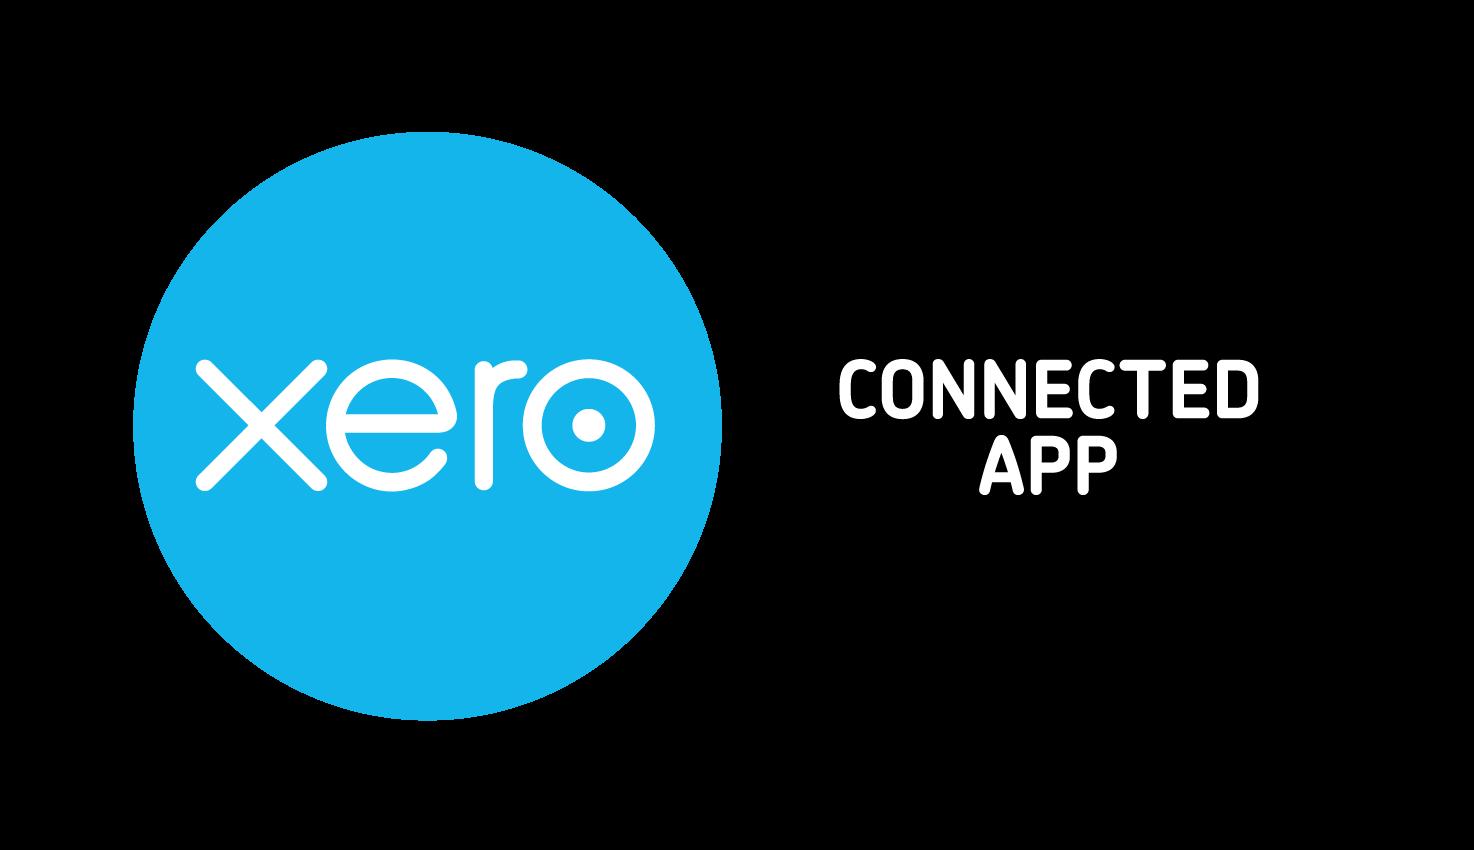 Xero Connected